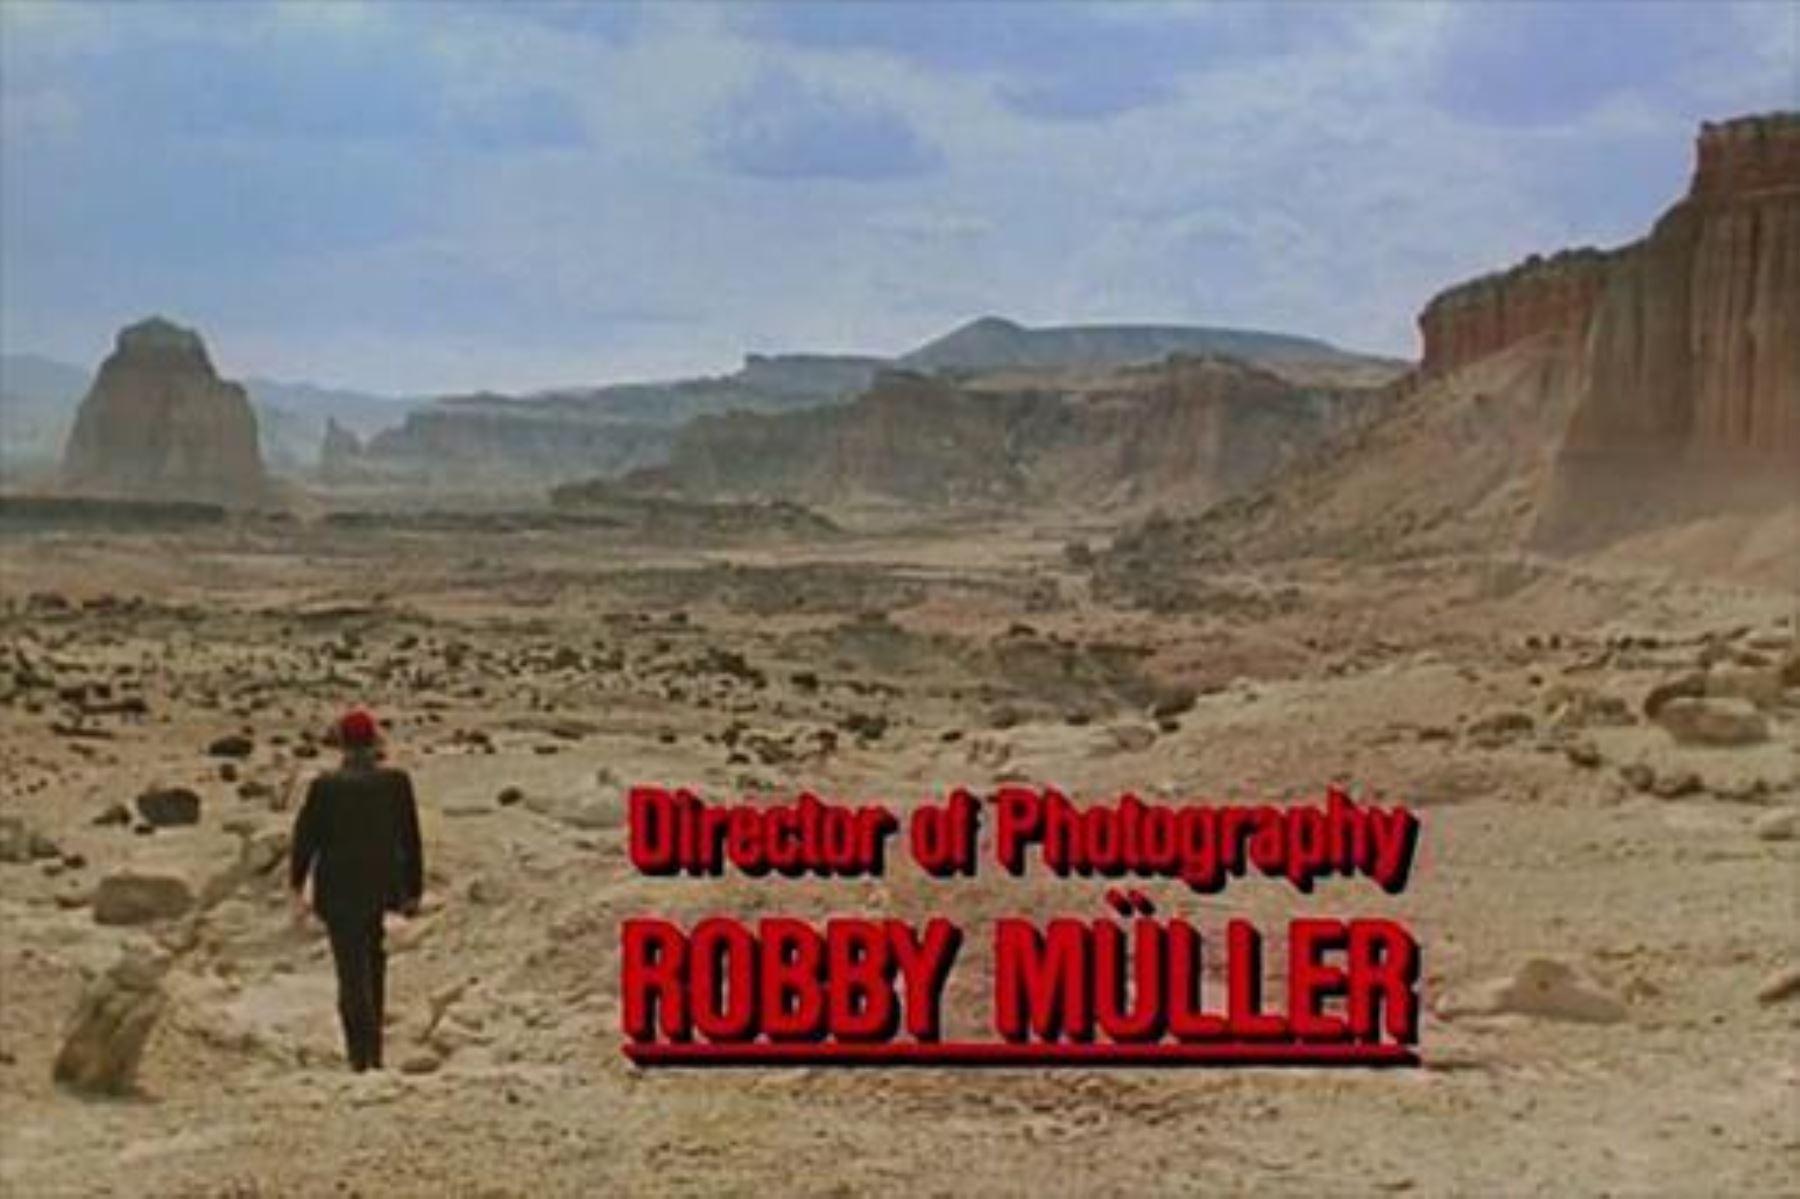 Escena de película cuya fotografía dirigió Robby Müller